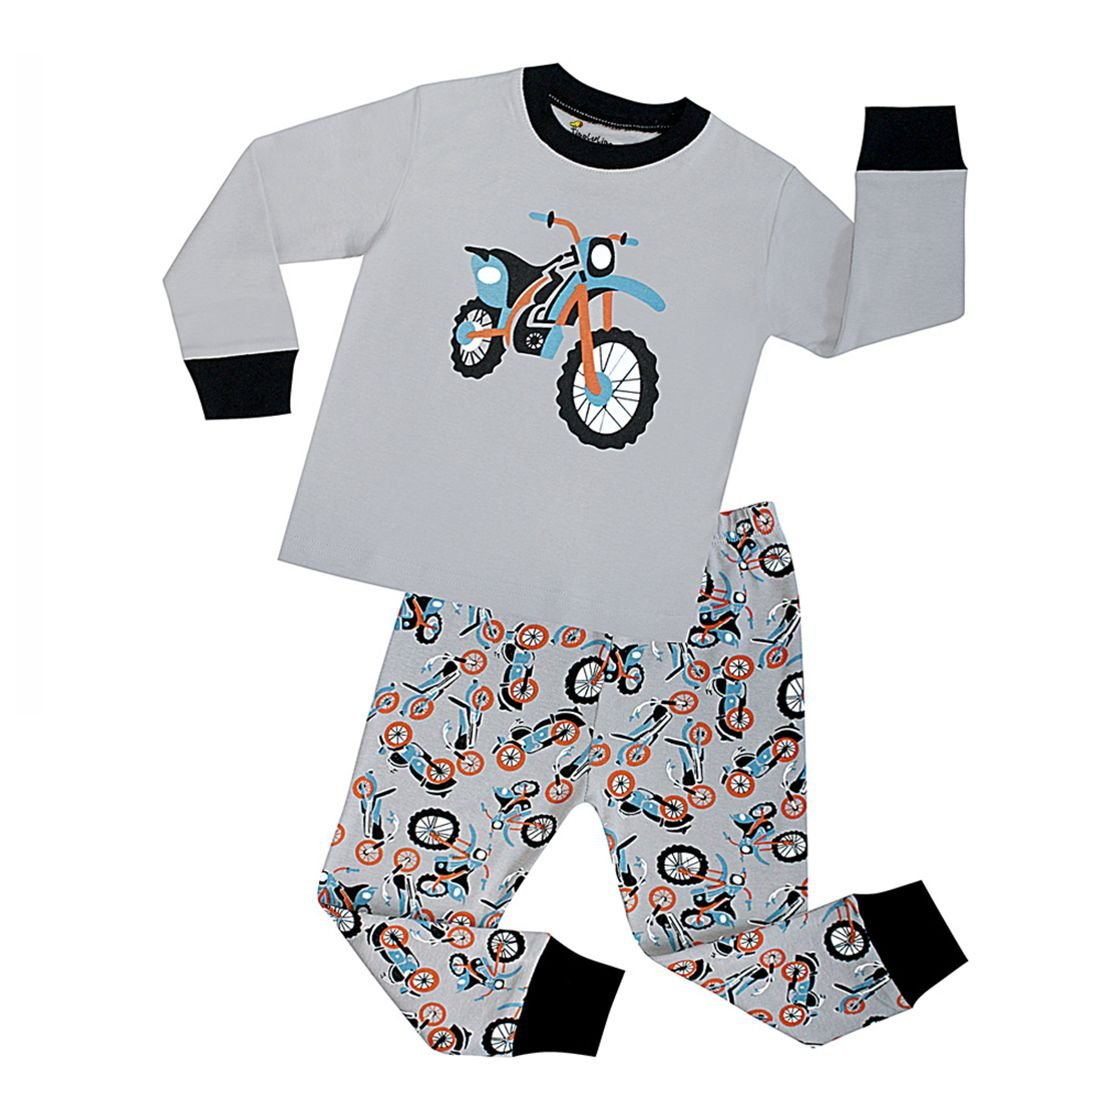 2 Piece Boys Pajamas Rib Long Sleeves Toddler Clothes motorcycle Pjs Sleepwear Czofnjesi